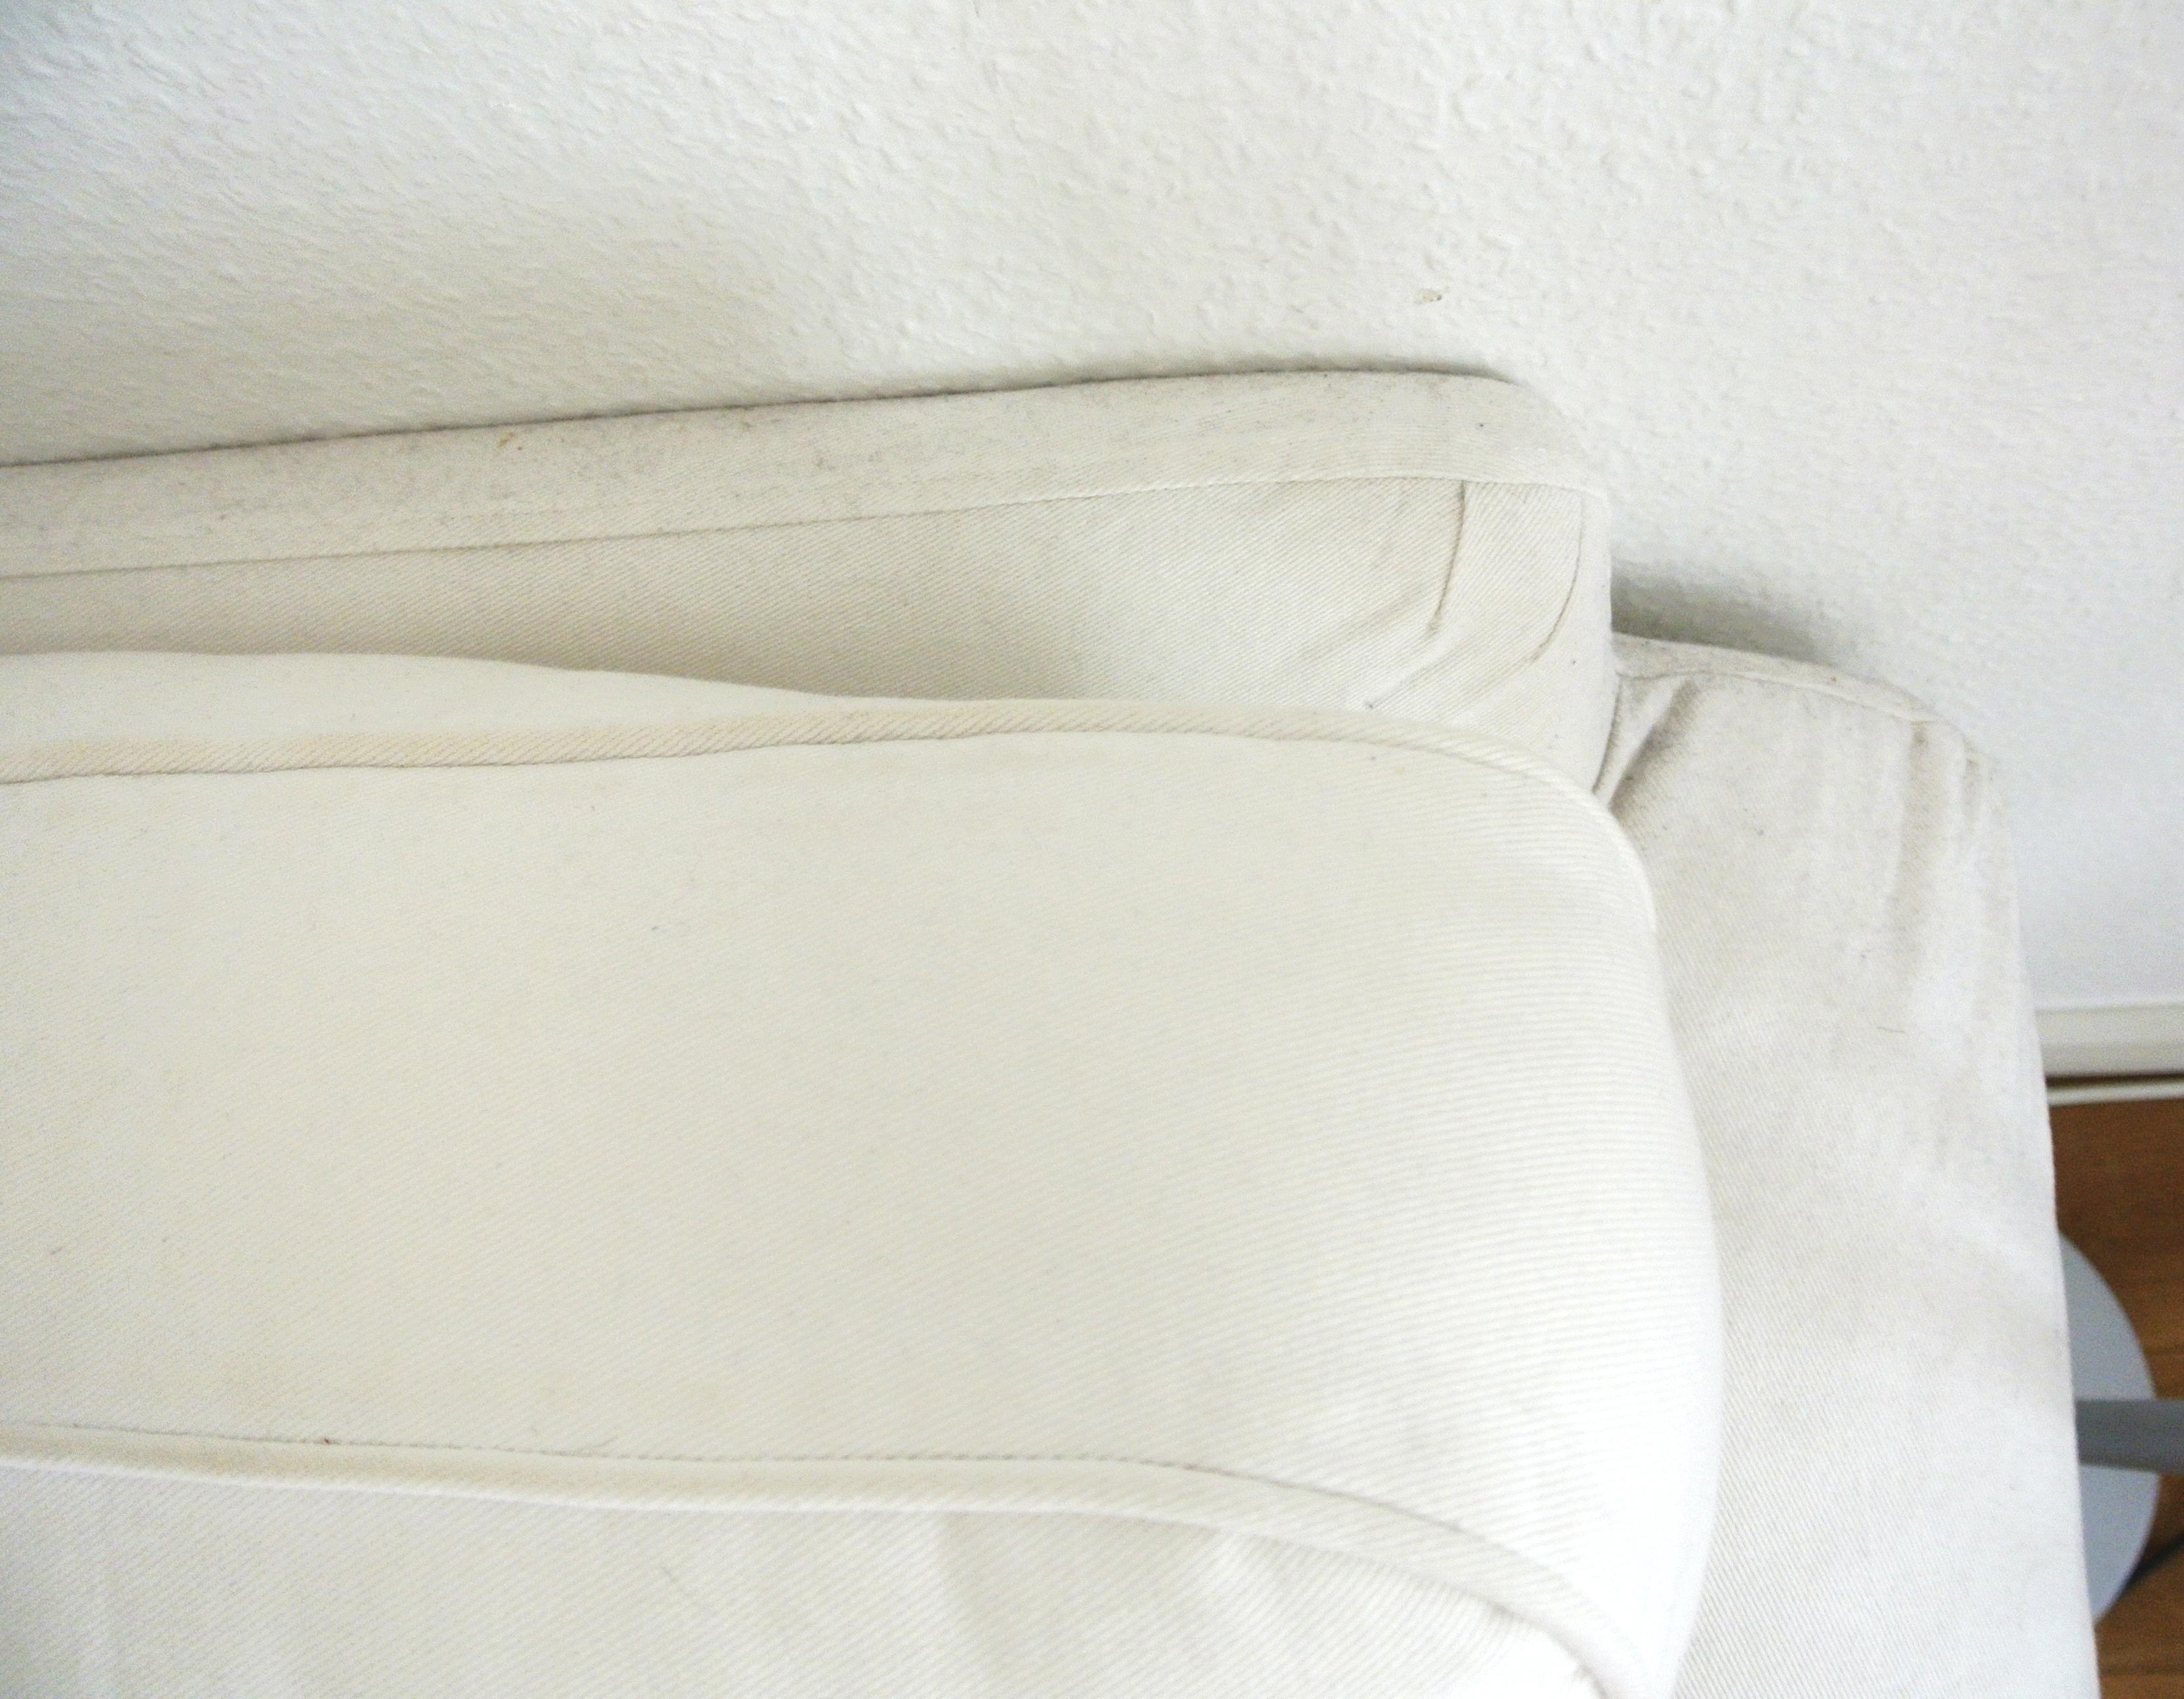 sch n reinigung von polsterm bel bilder die kinderzimmer design ideen. Black Bedroom Furniture Sets. Home Design Ideas